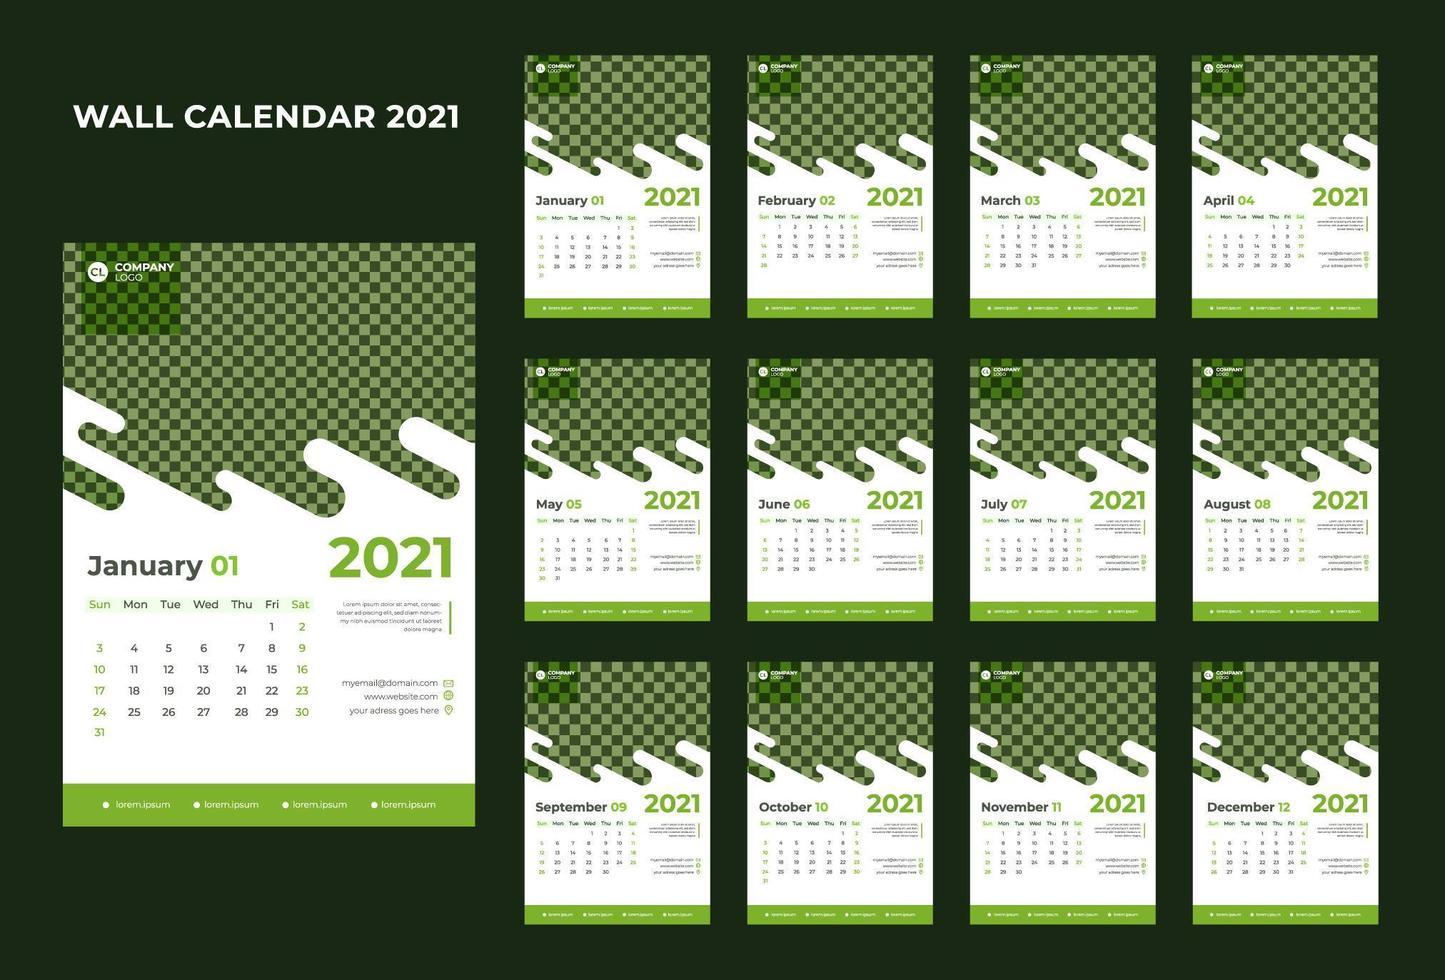 calendario corporativo creativo año nuevo 2021 vector